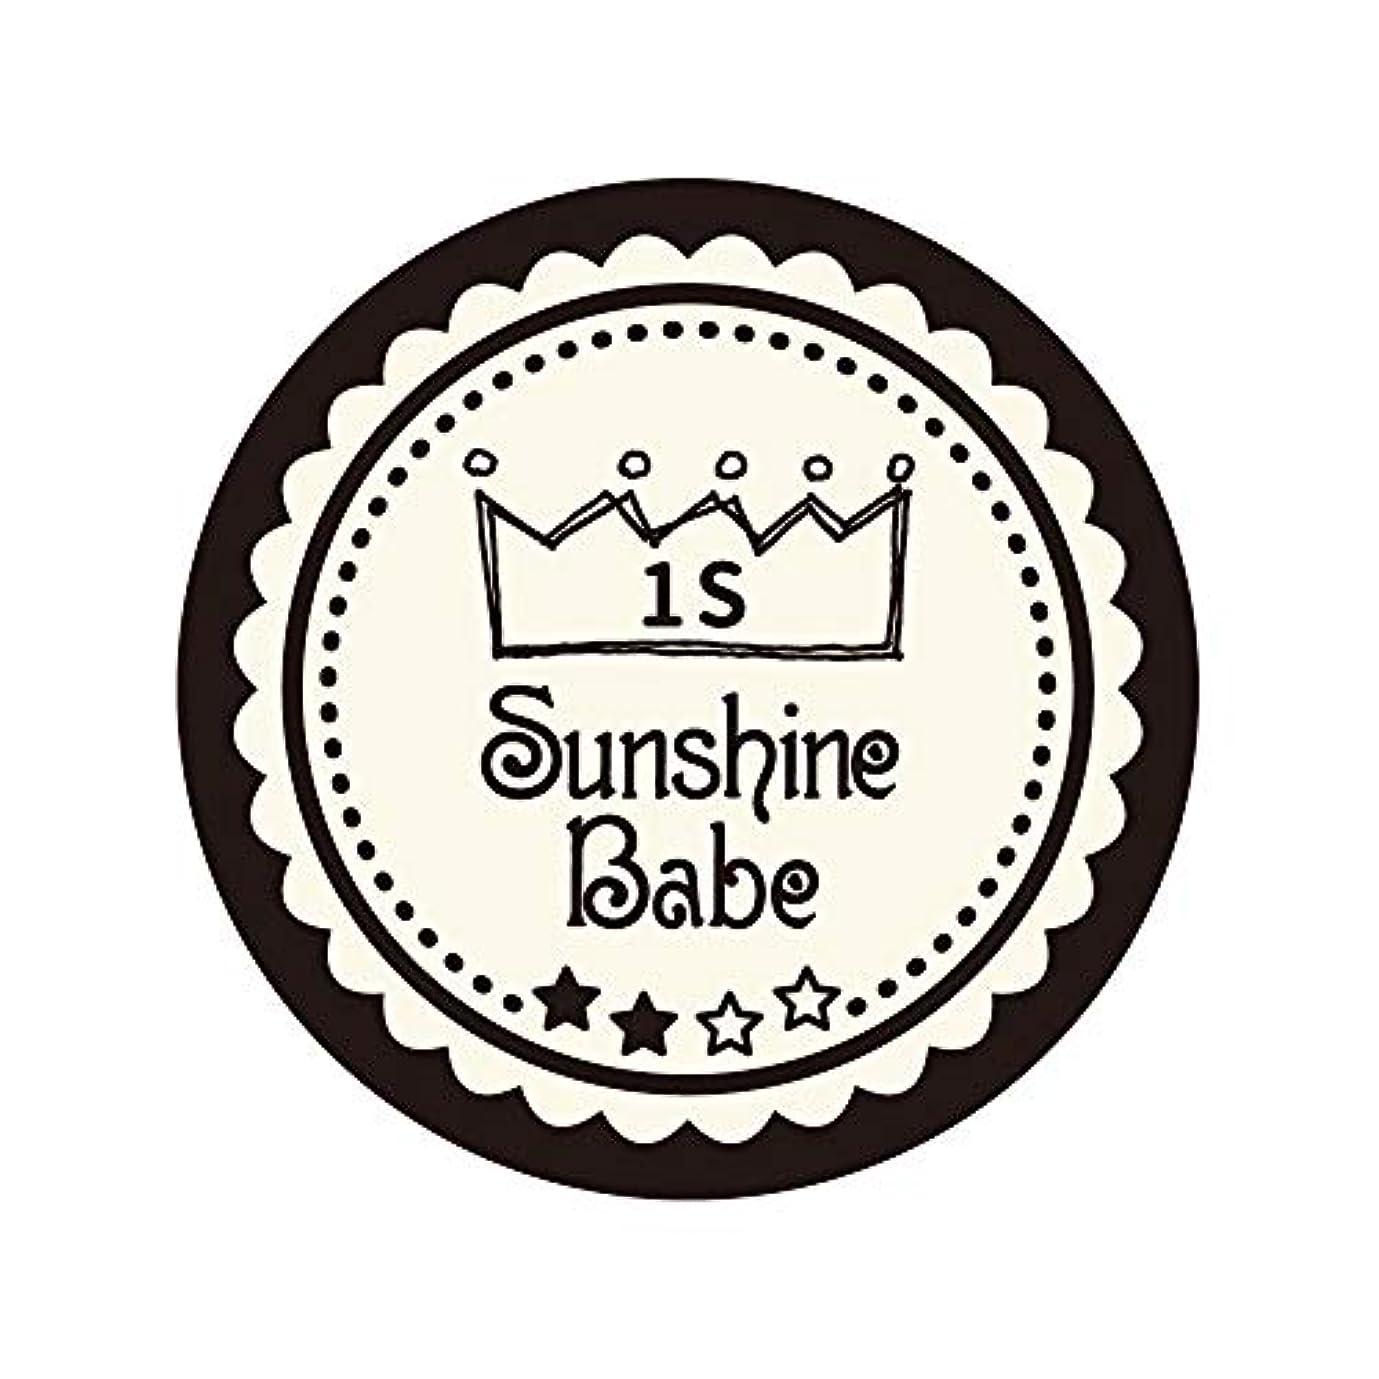 不承認否定する異議Sunshine Babe カラージェル 1S ココナッツミルク 2.7g UV/LED対応